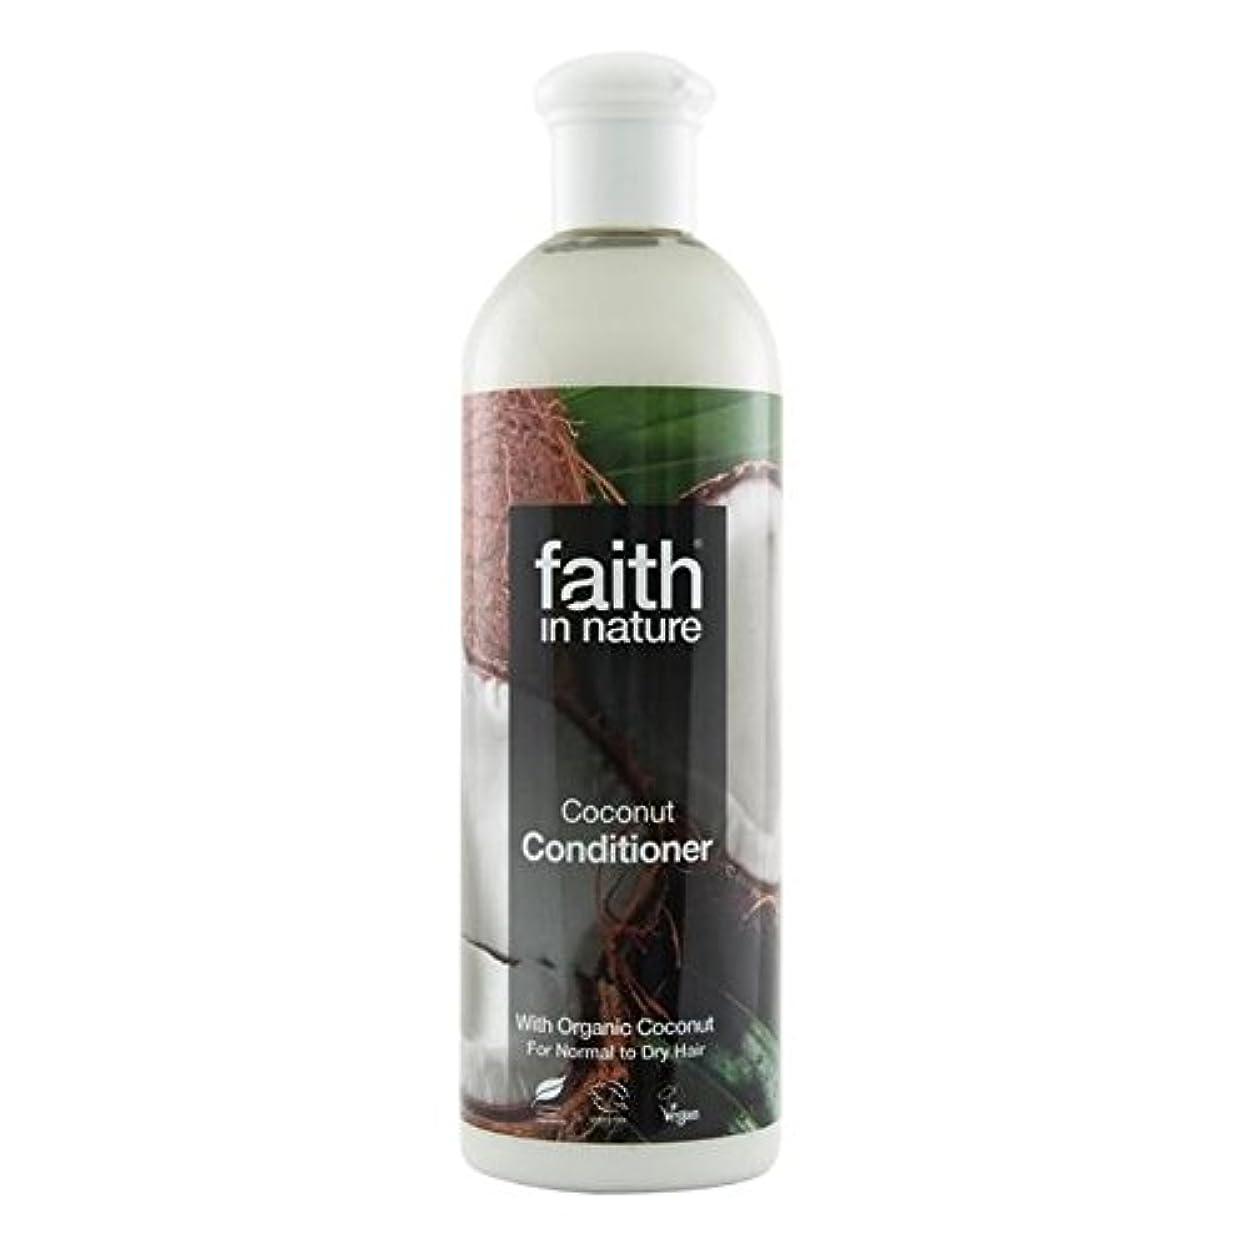 ピジン概念トリッキーFaith in Nature Coconut Conditioner 400ml (Pack of 6) - (Faith In Nature) 自然ココナッツコンディショナー400ミリリットルの信仰 (x6) [並行輸入品]